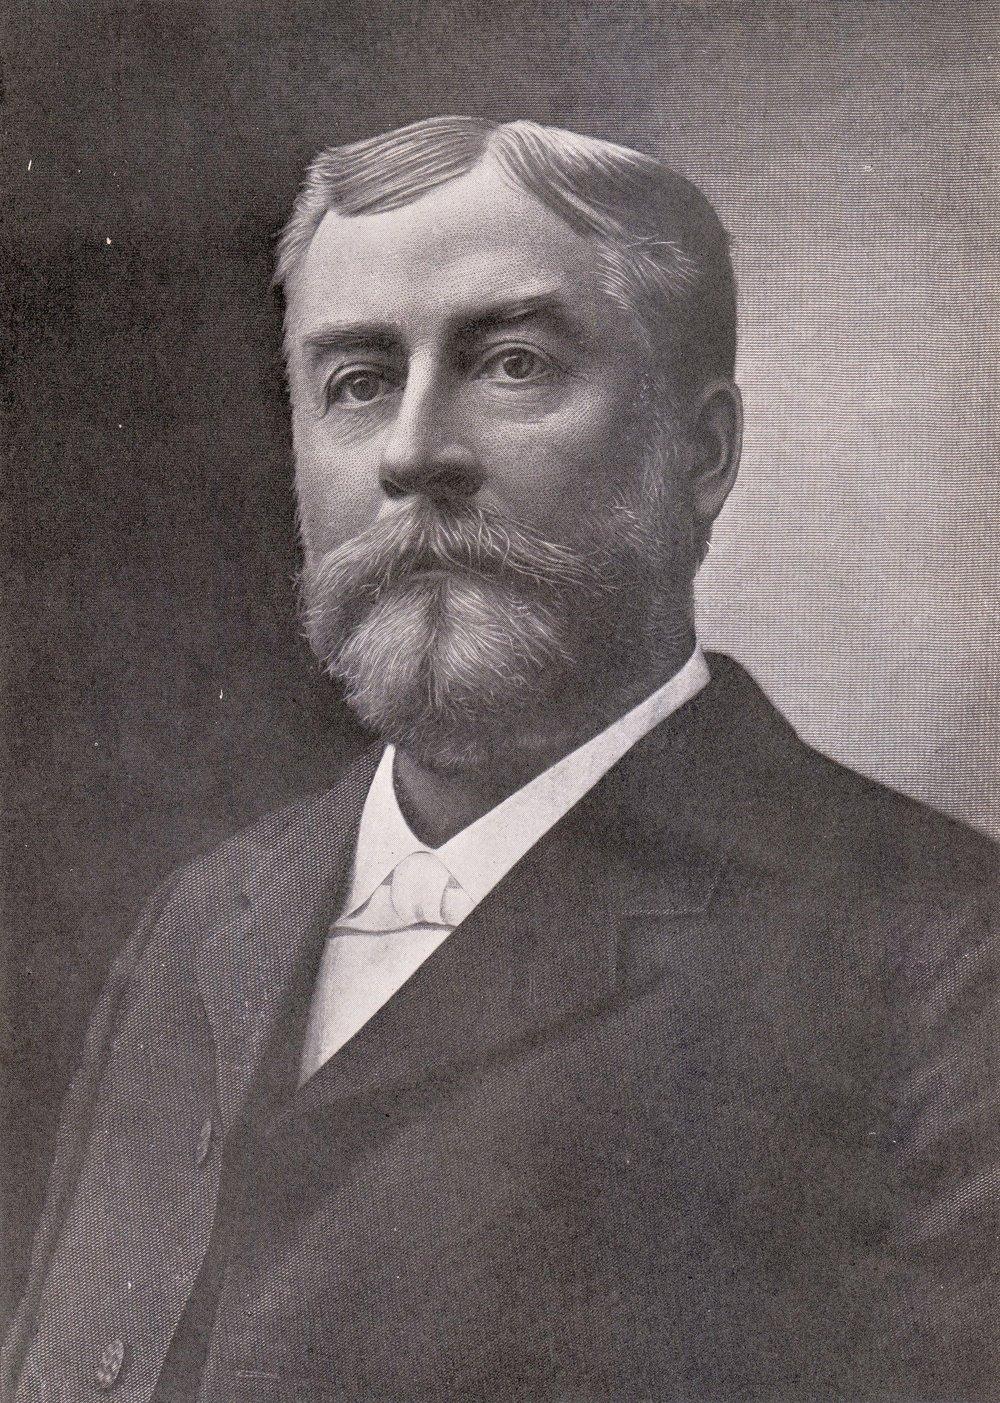 Louis F. Haffen